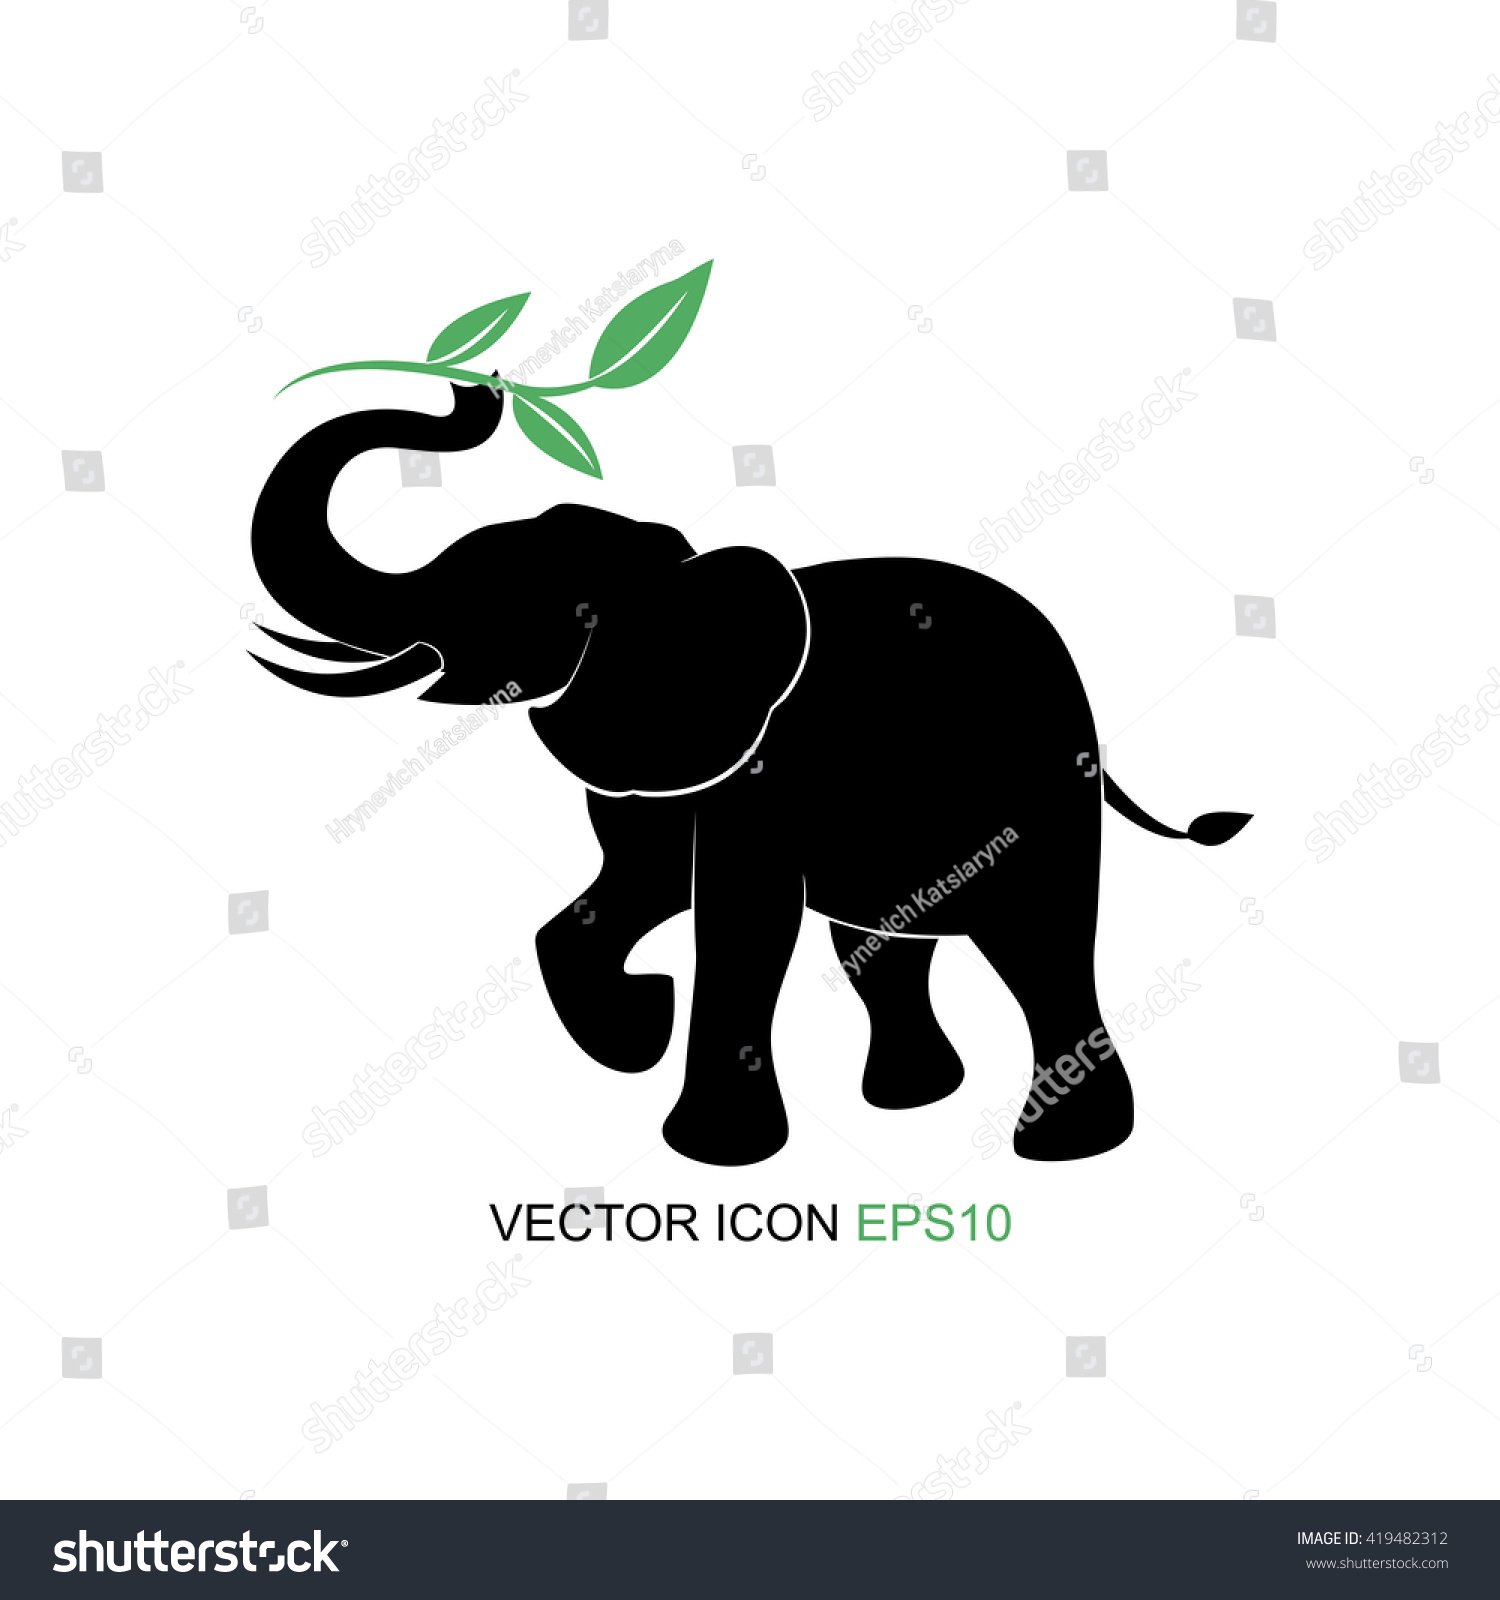 Elephant symbolvector illustration elephant picture tea sprigs elephant symbolctor illustration elephant picture tea and sprigs silhouette of an elephant buycottarizona Images